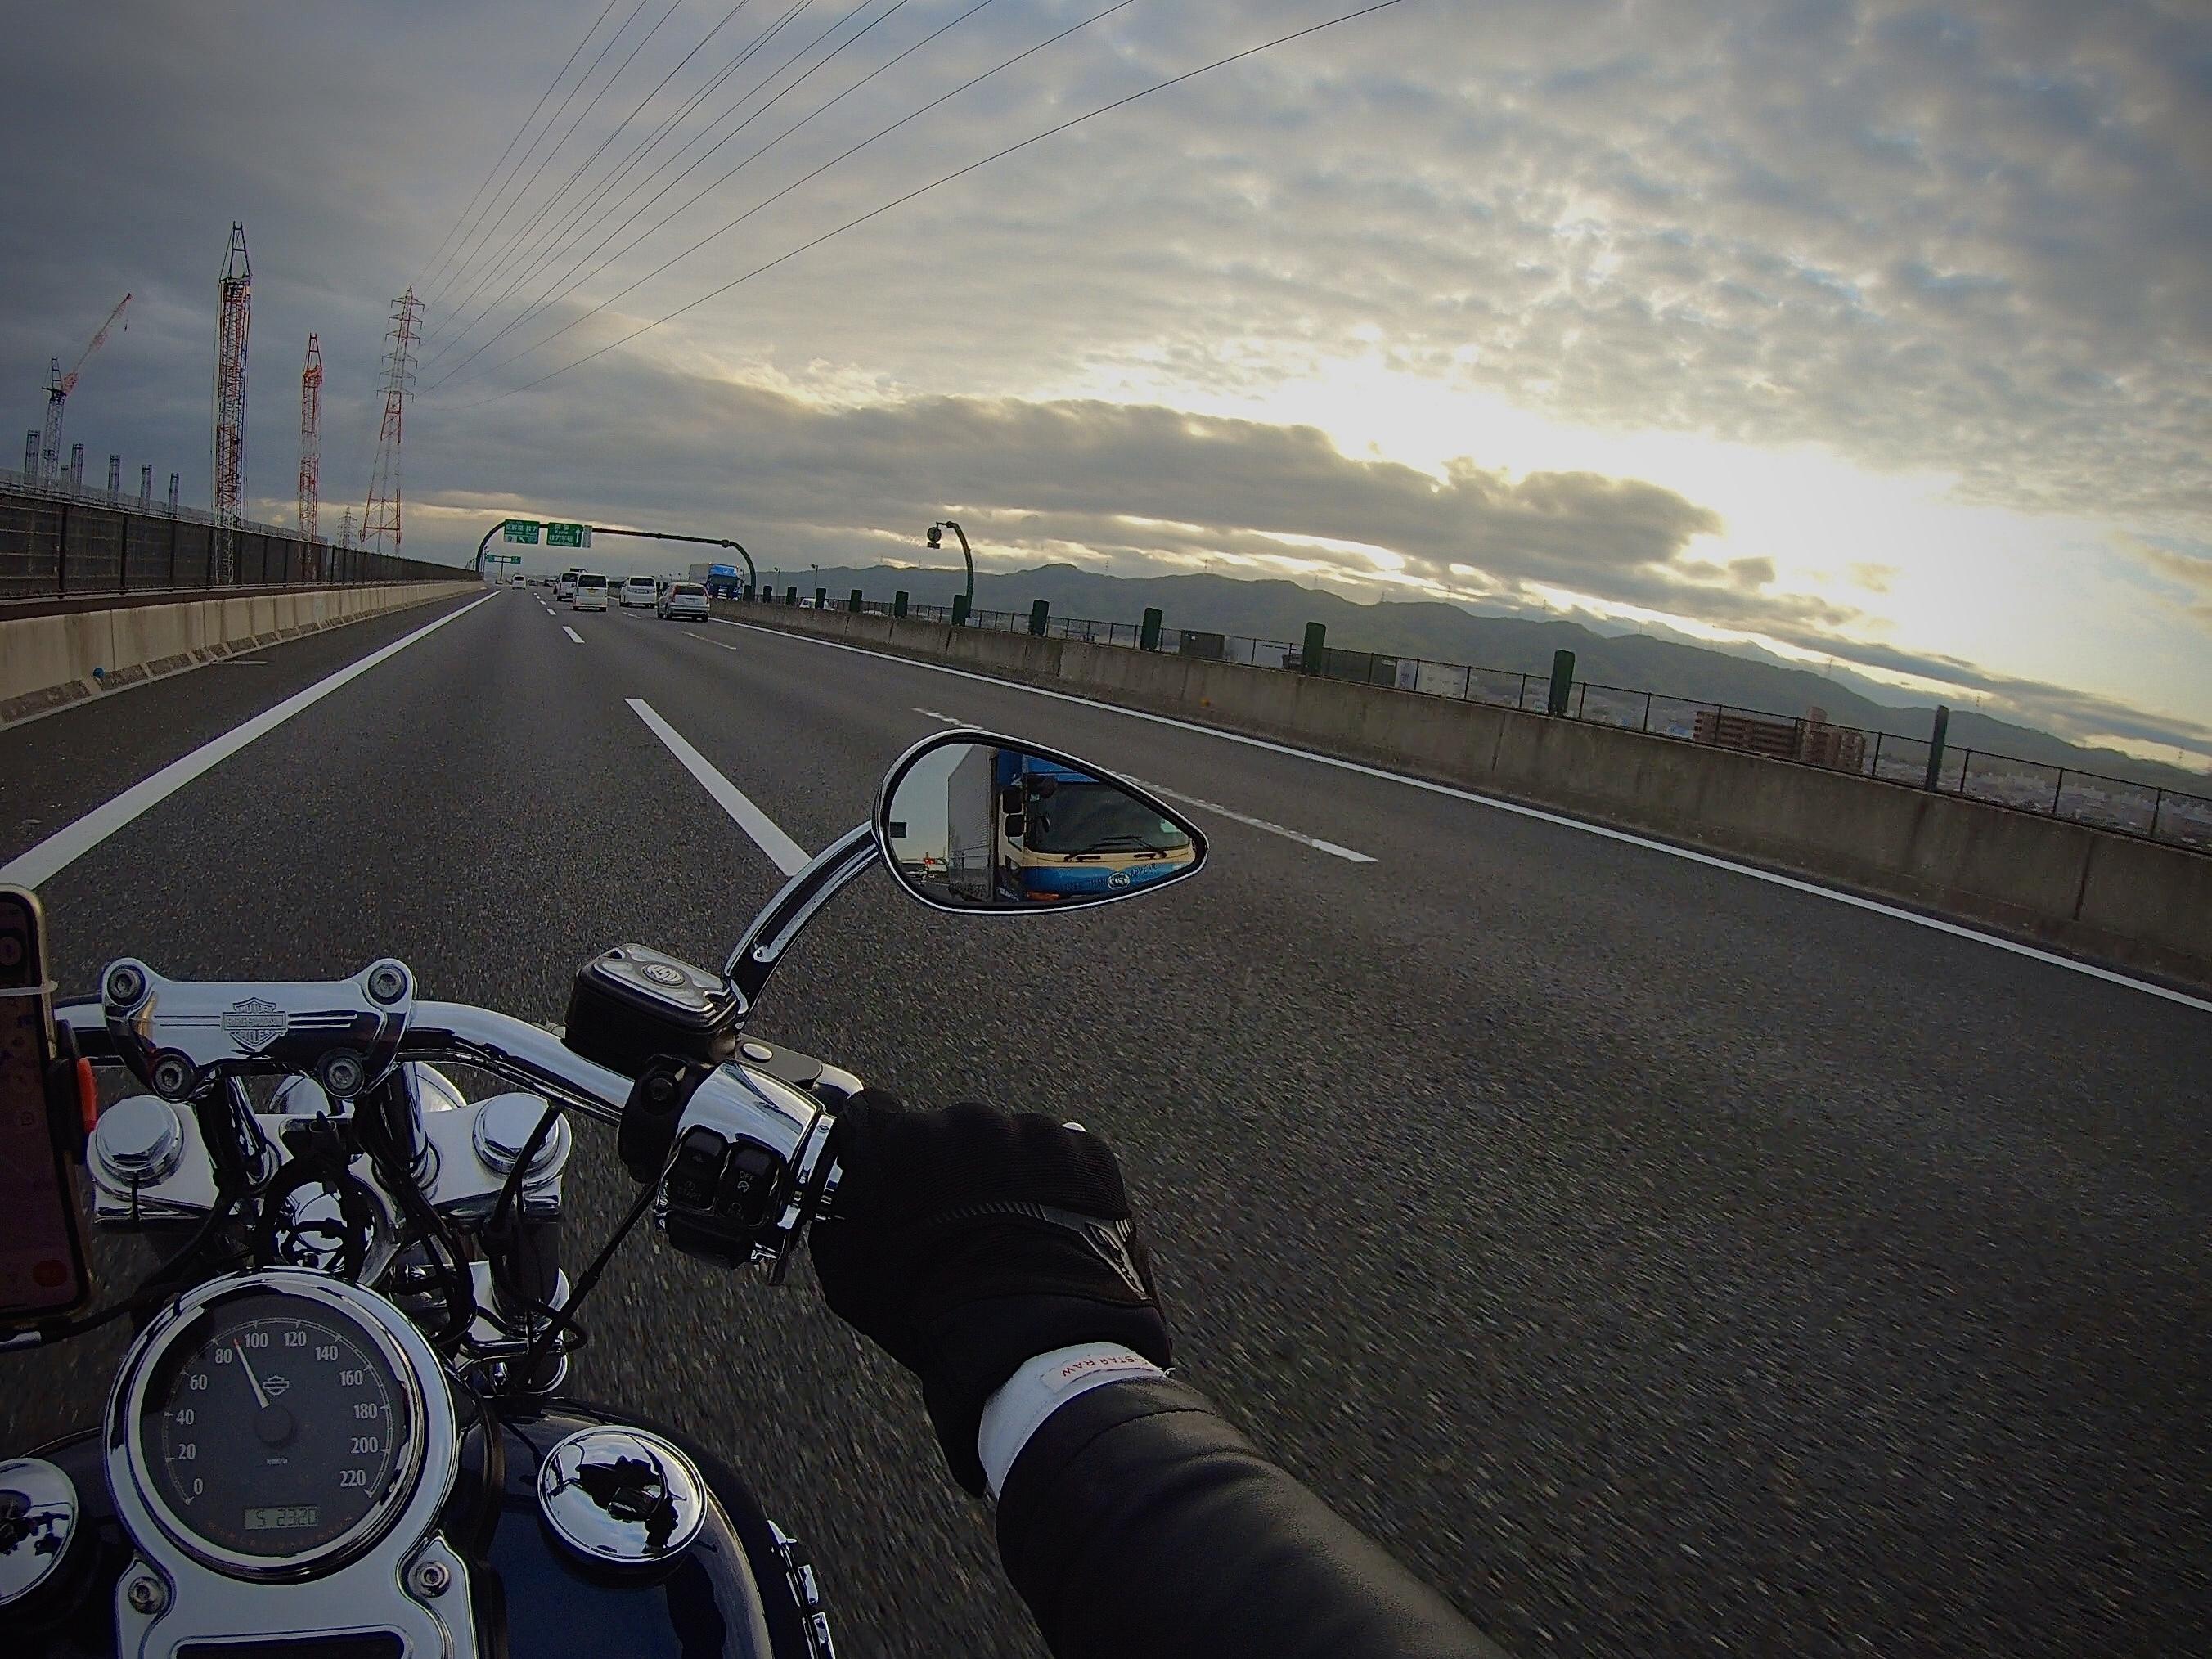 琵琶湖お花見ツーリング スタート 高速道路